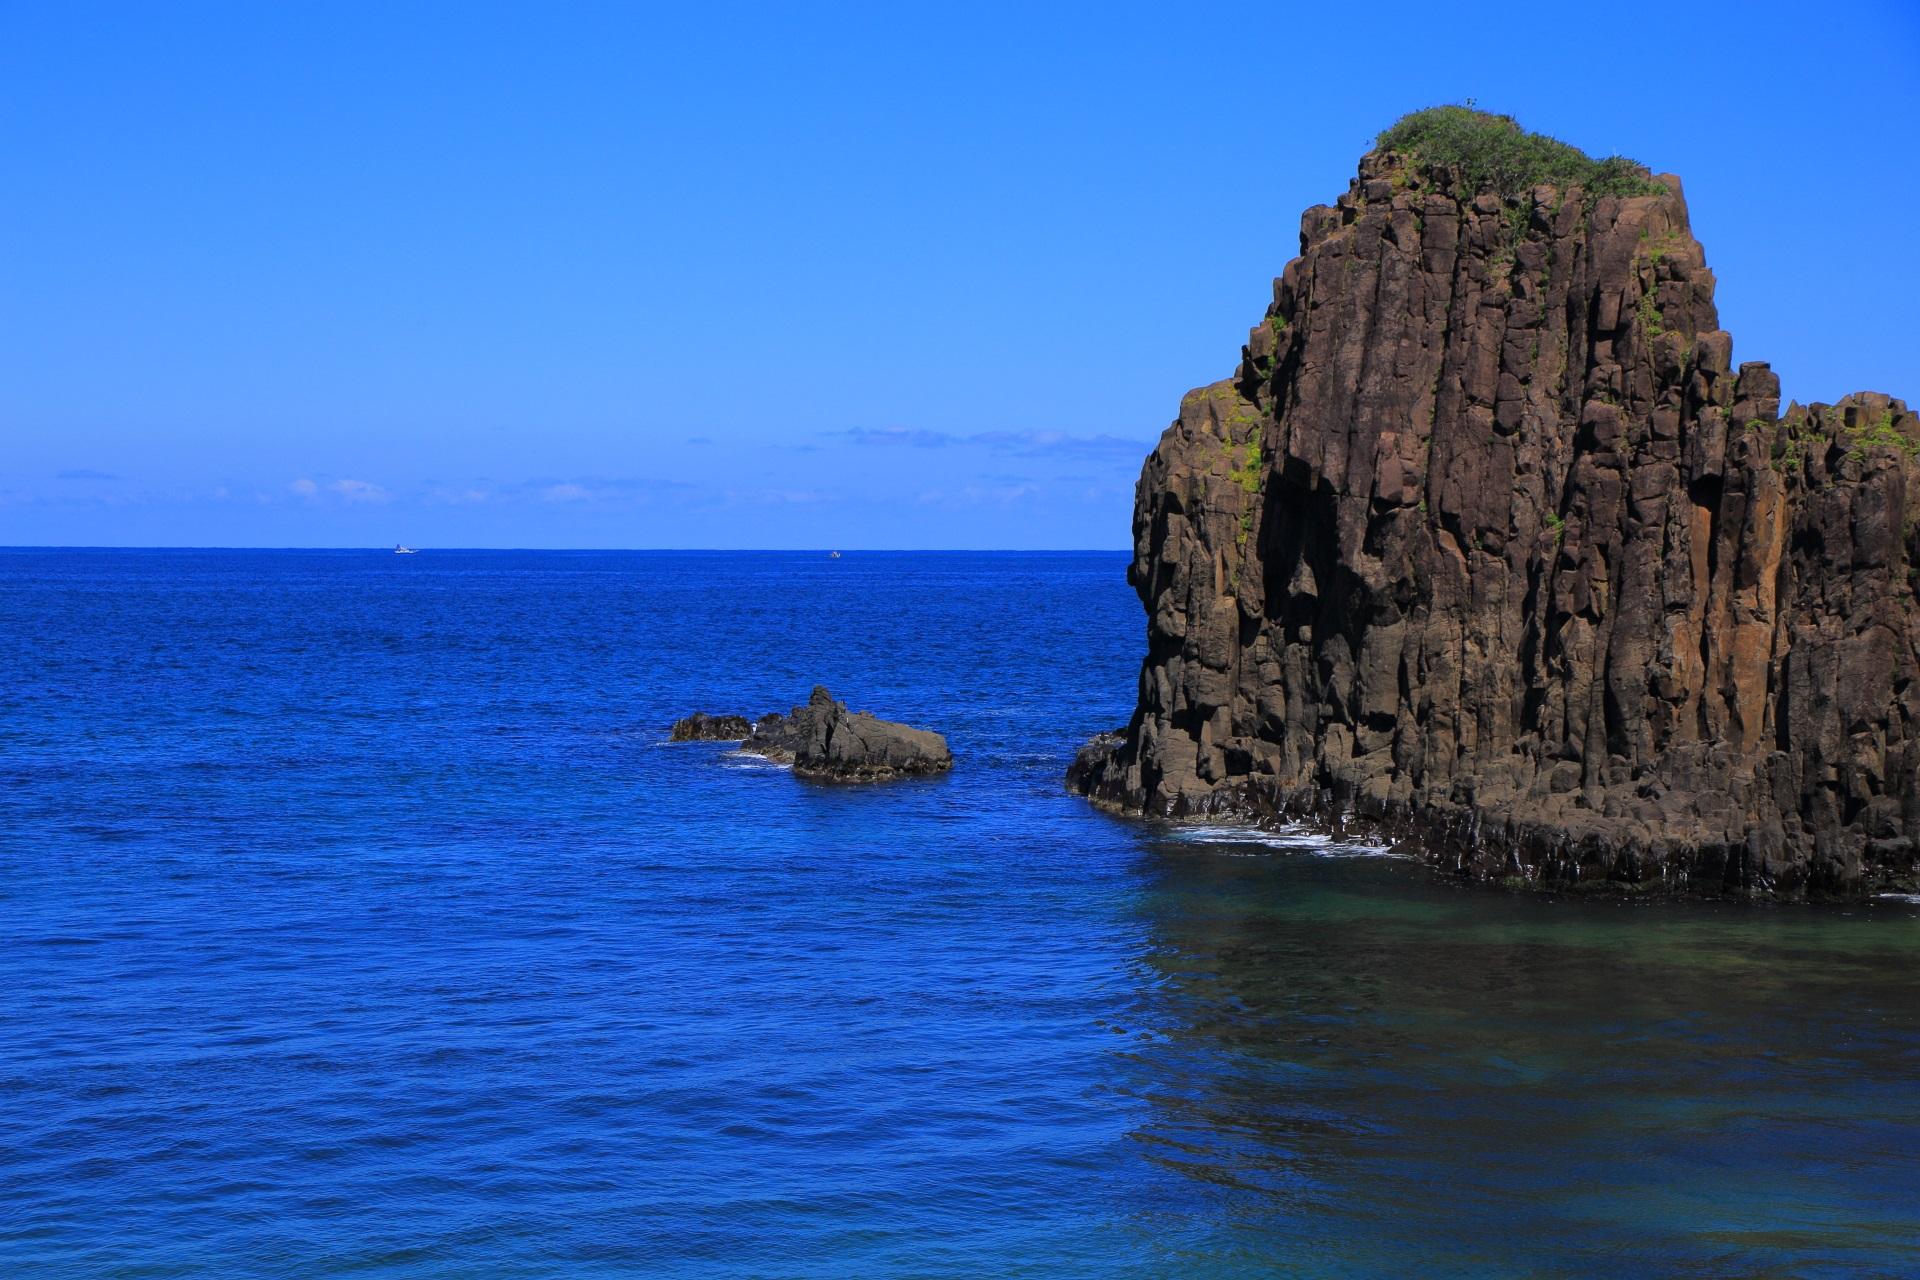 立岩と京丹後の美しいコバルトブルーの海